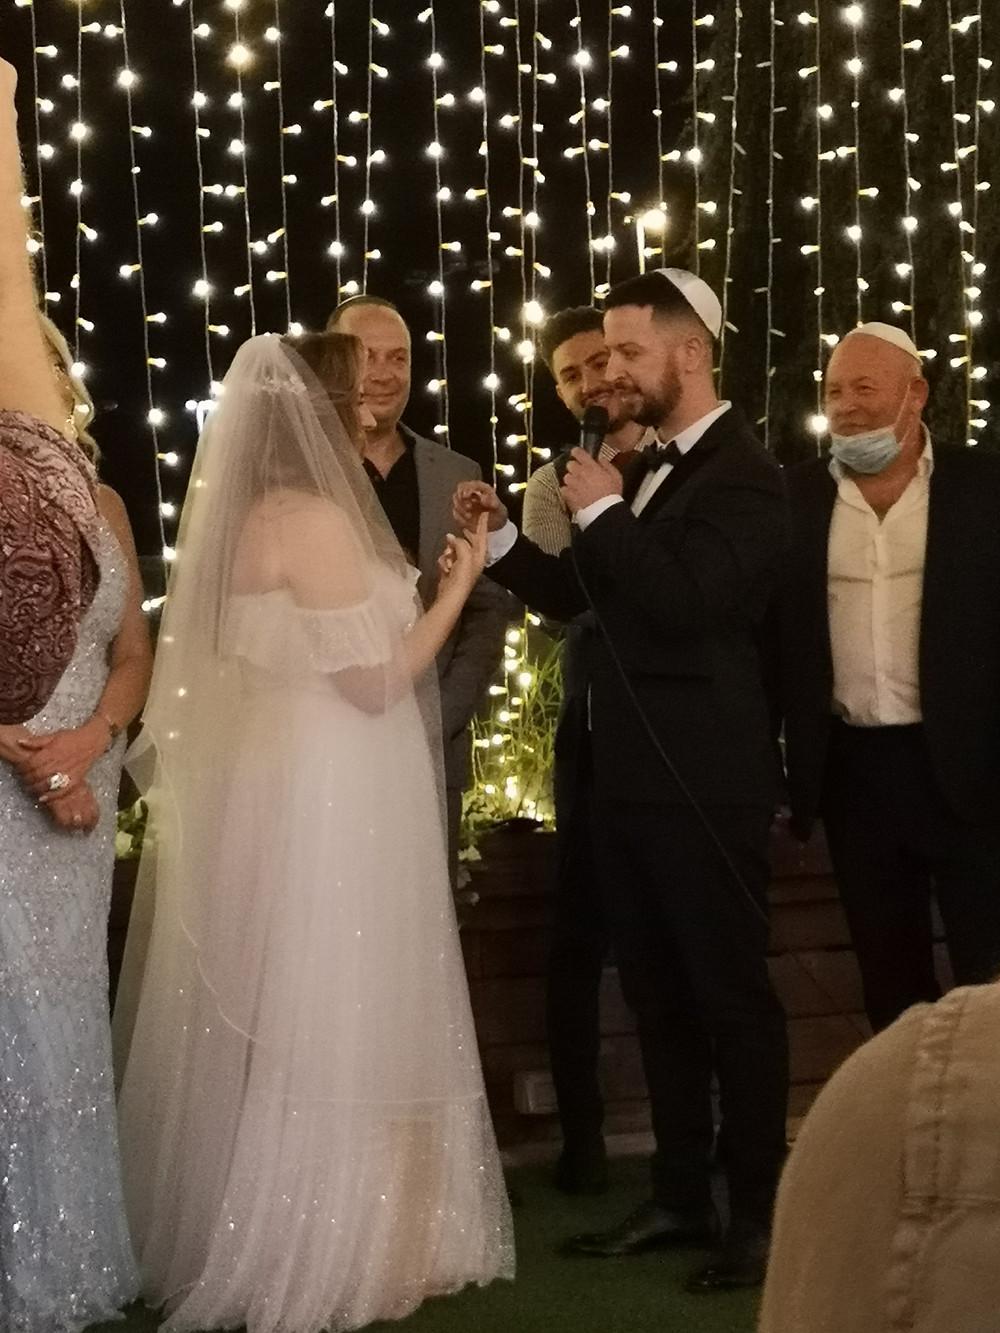 ירדן ואיתי ממליצים על איתן כרמי לאחר חתונת קורונה